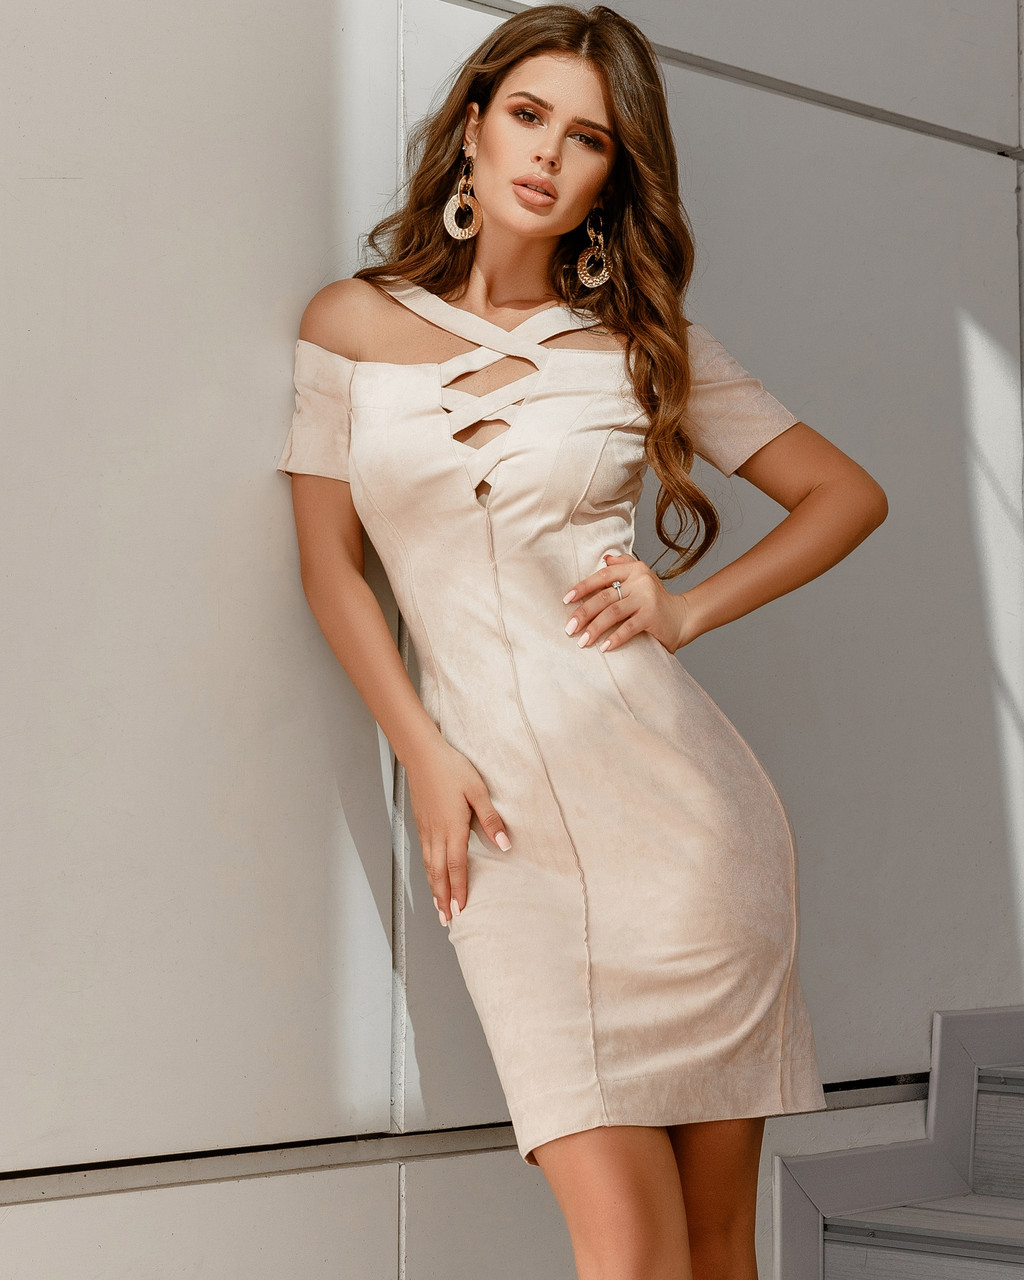 Привлекающее внимание платье со шнуровкой на груди